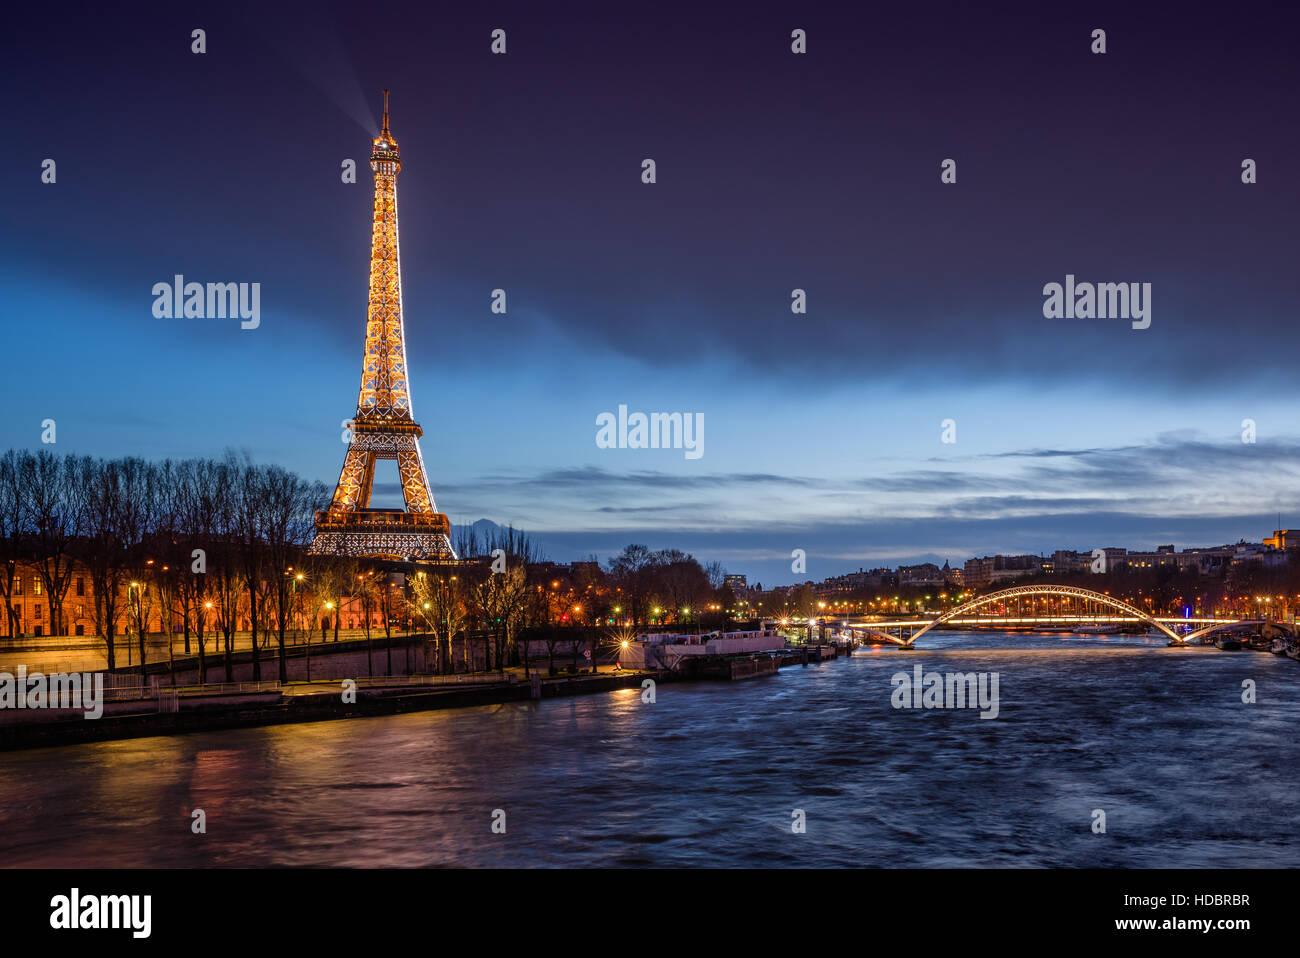 La Tour Eiffel illuminée au crépuscule avec les banques de la Seine et la passerelle Debilly. Paris, France Photo Stock